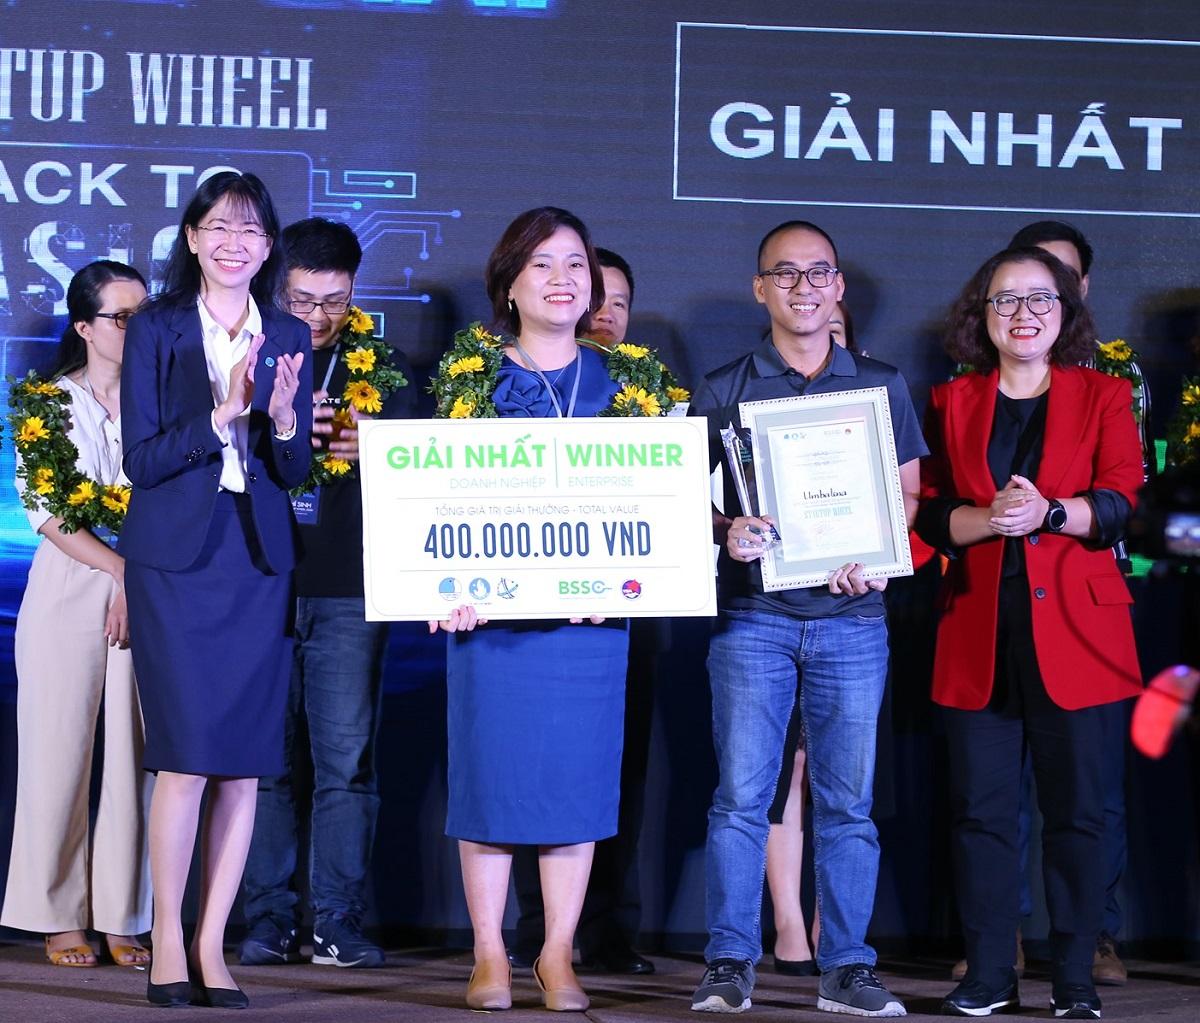 Đồng sáng lập Umbalena Lê Thị Cẩm Trinh và Nguyễn Việt Thắng nhận giải thưởng 400 triệu đồng từ ban tổ chức. Ảnh: Startup Wheel.